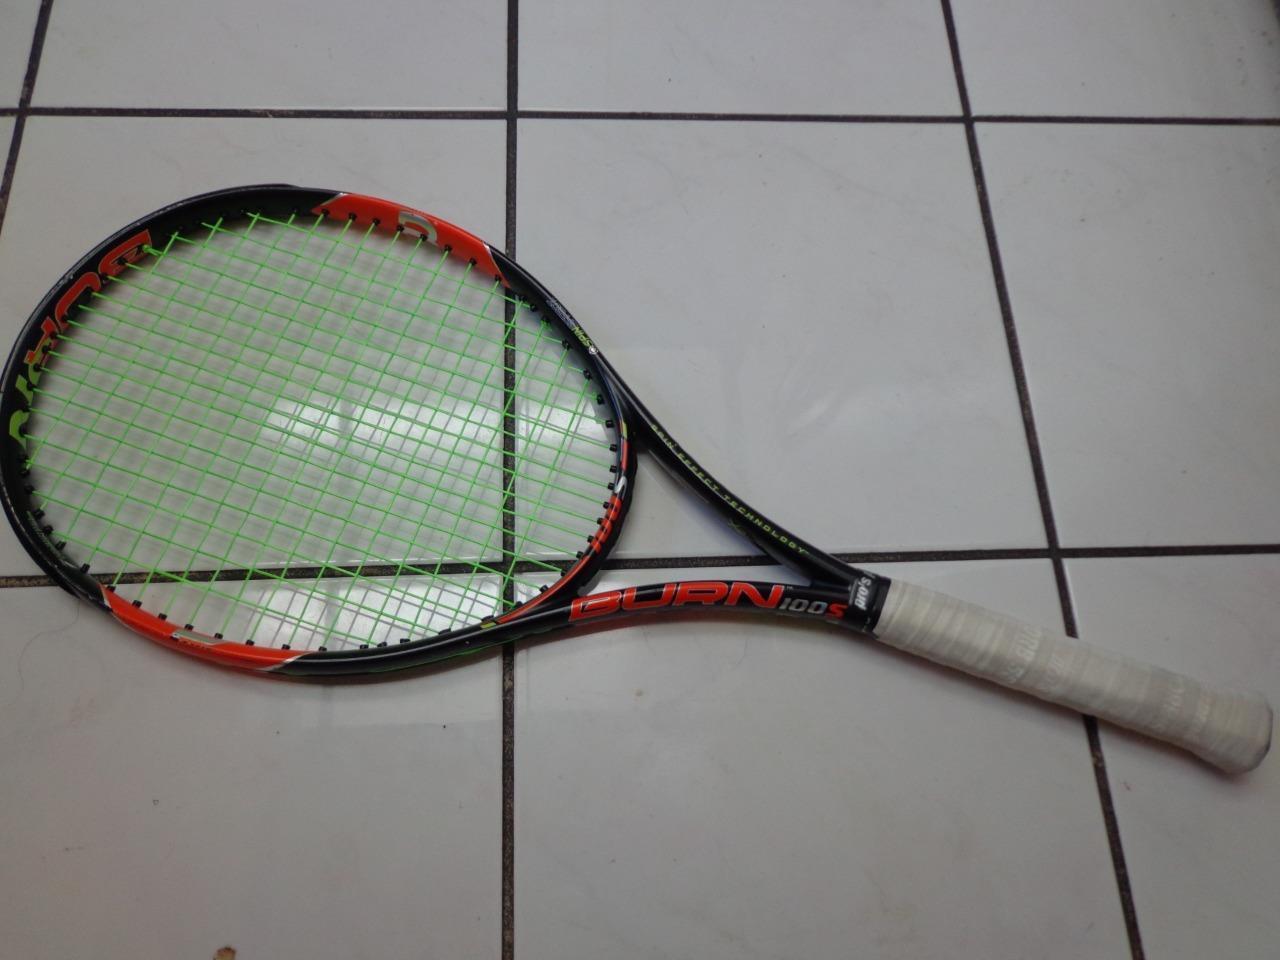 Wilson Original Burn 100S 4 1 4 grip Tennis Racquet